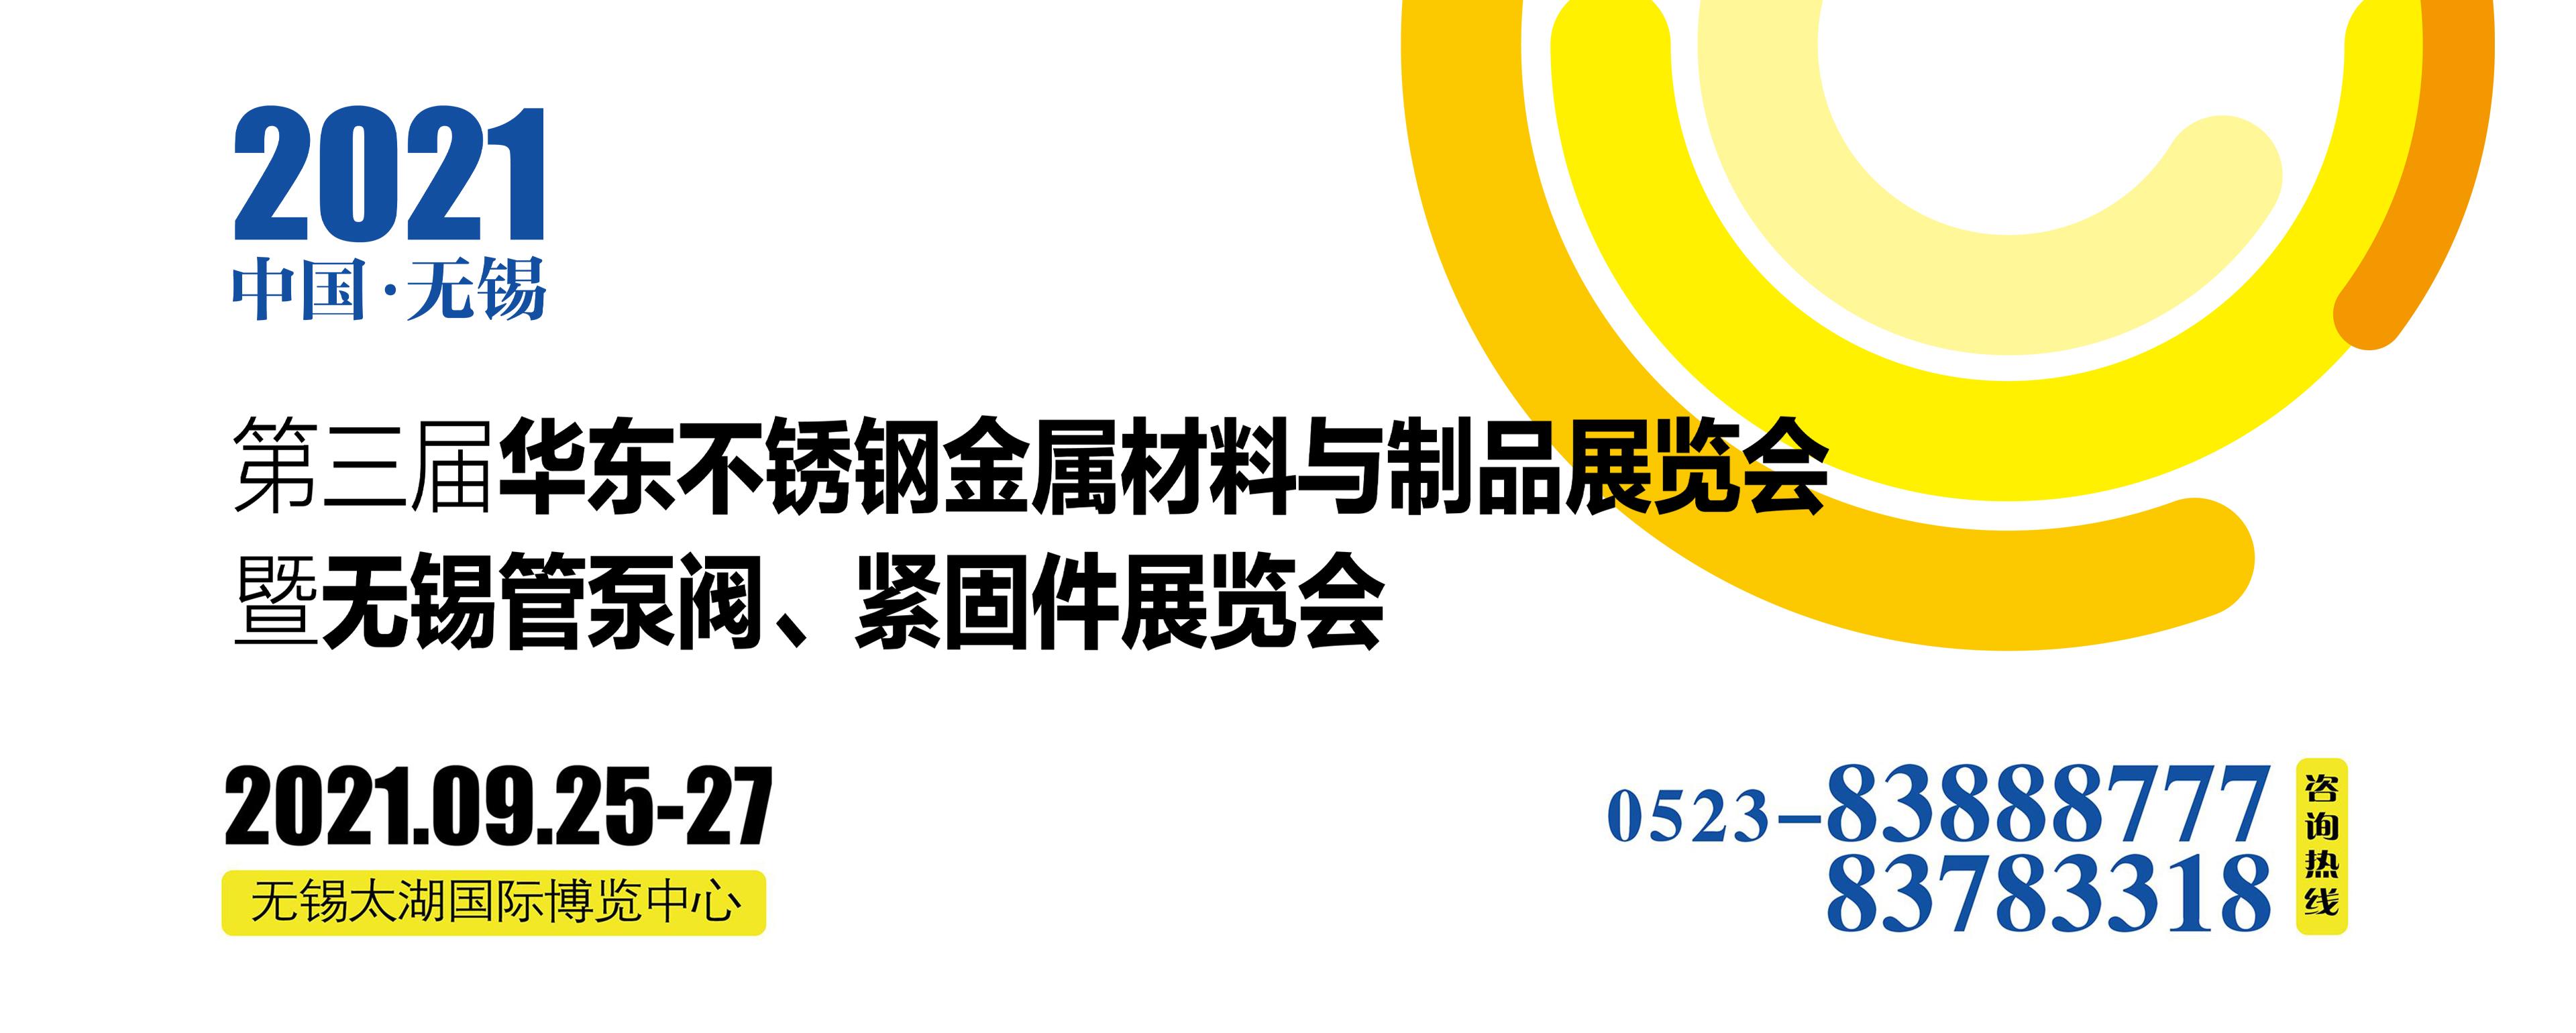 2021(无锡)华东不锈钢金属材料与制品展火热招商中